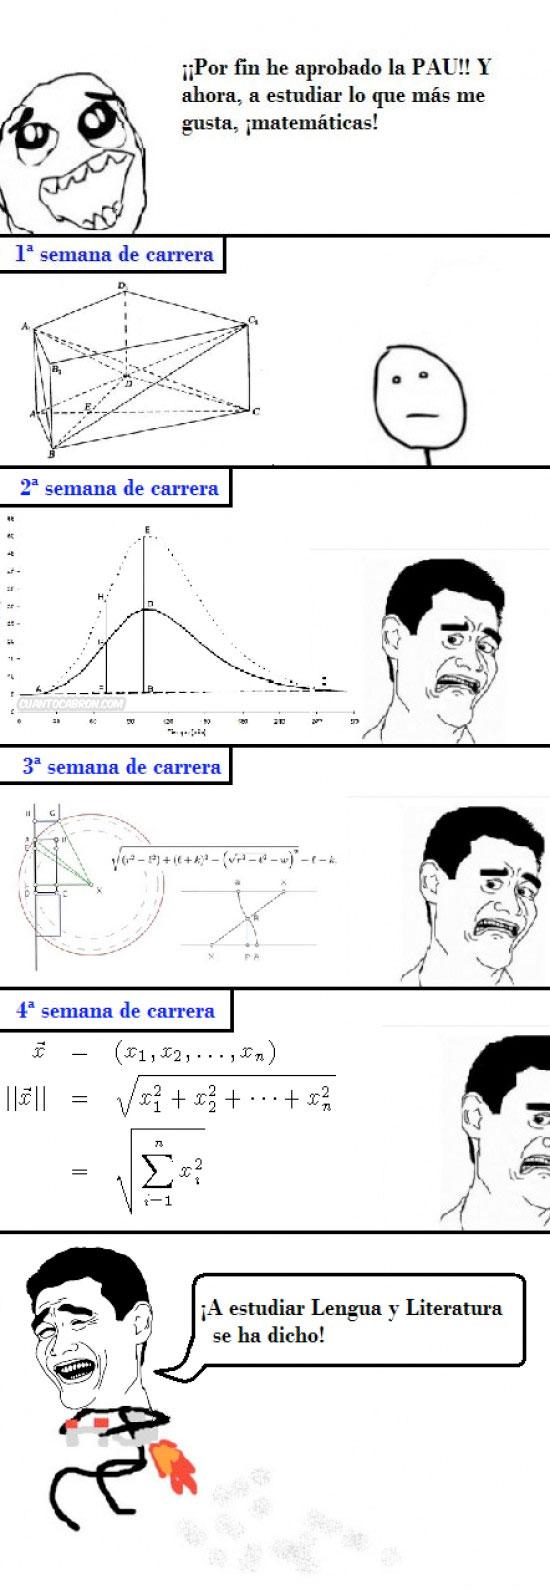 Nothing_to_do_here - ¿Estudiar matemáticas?